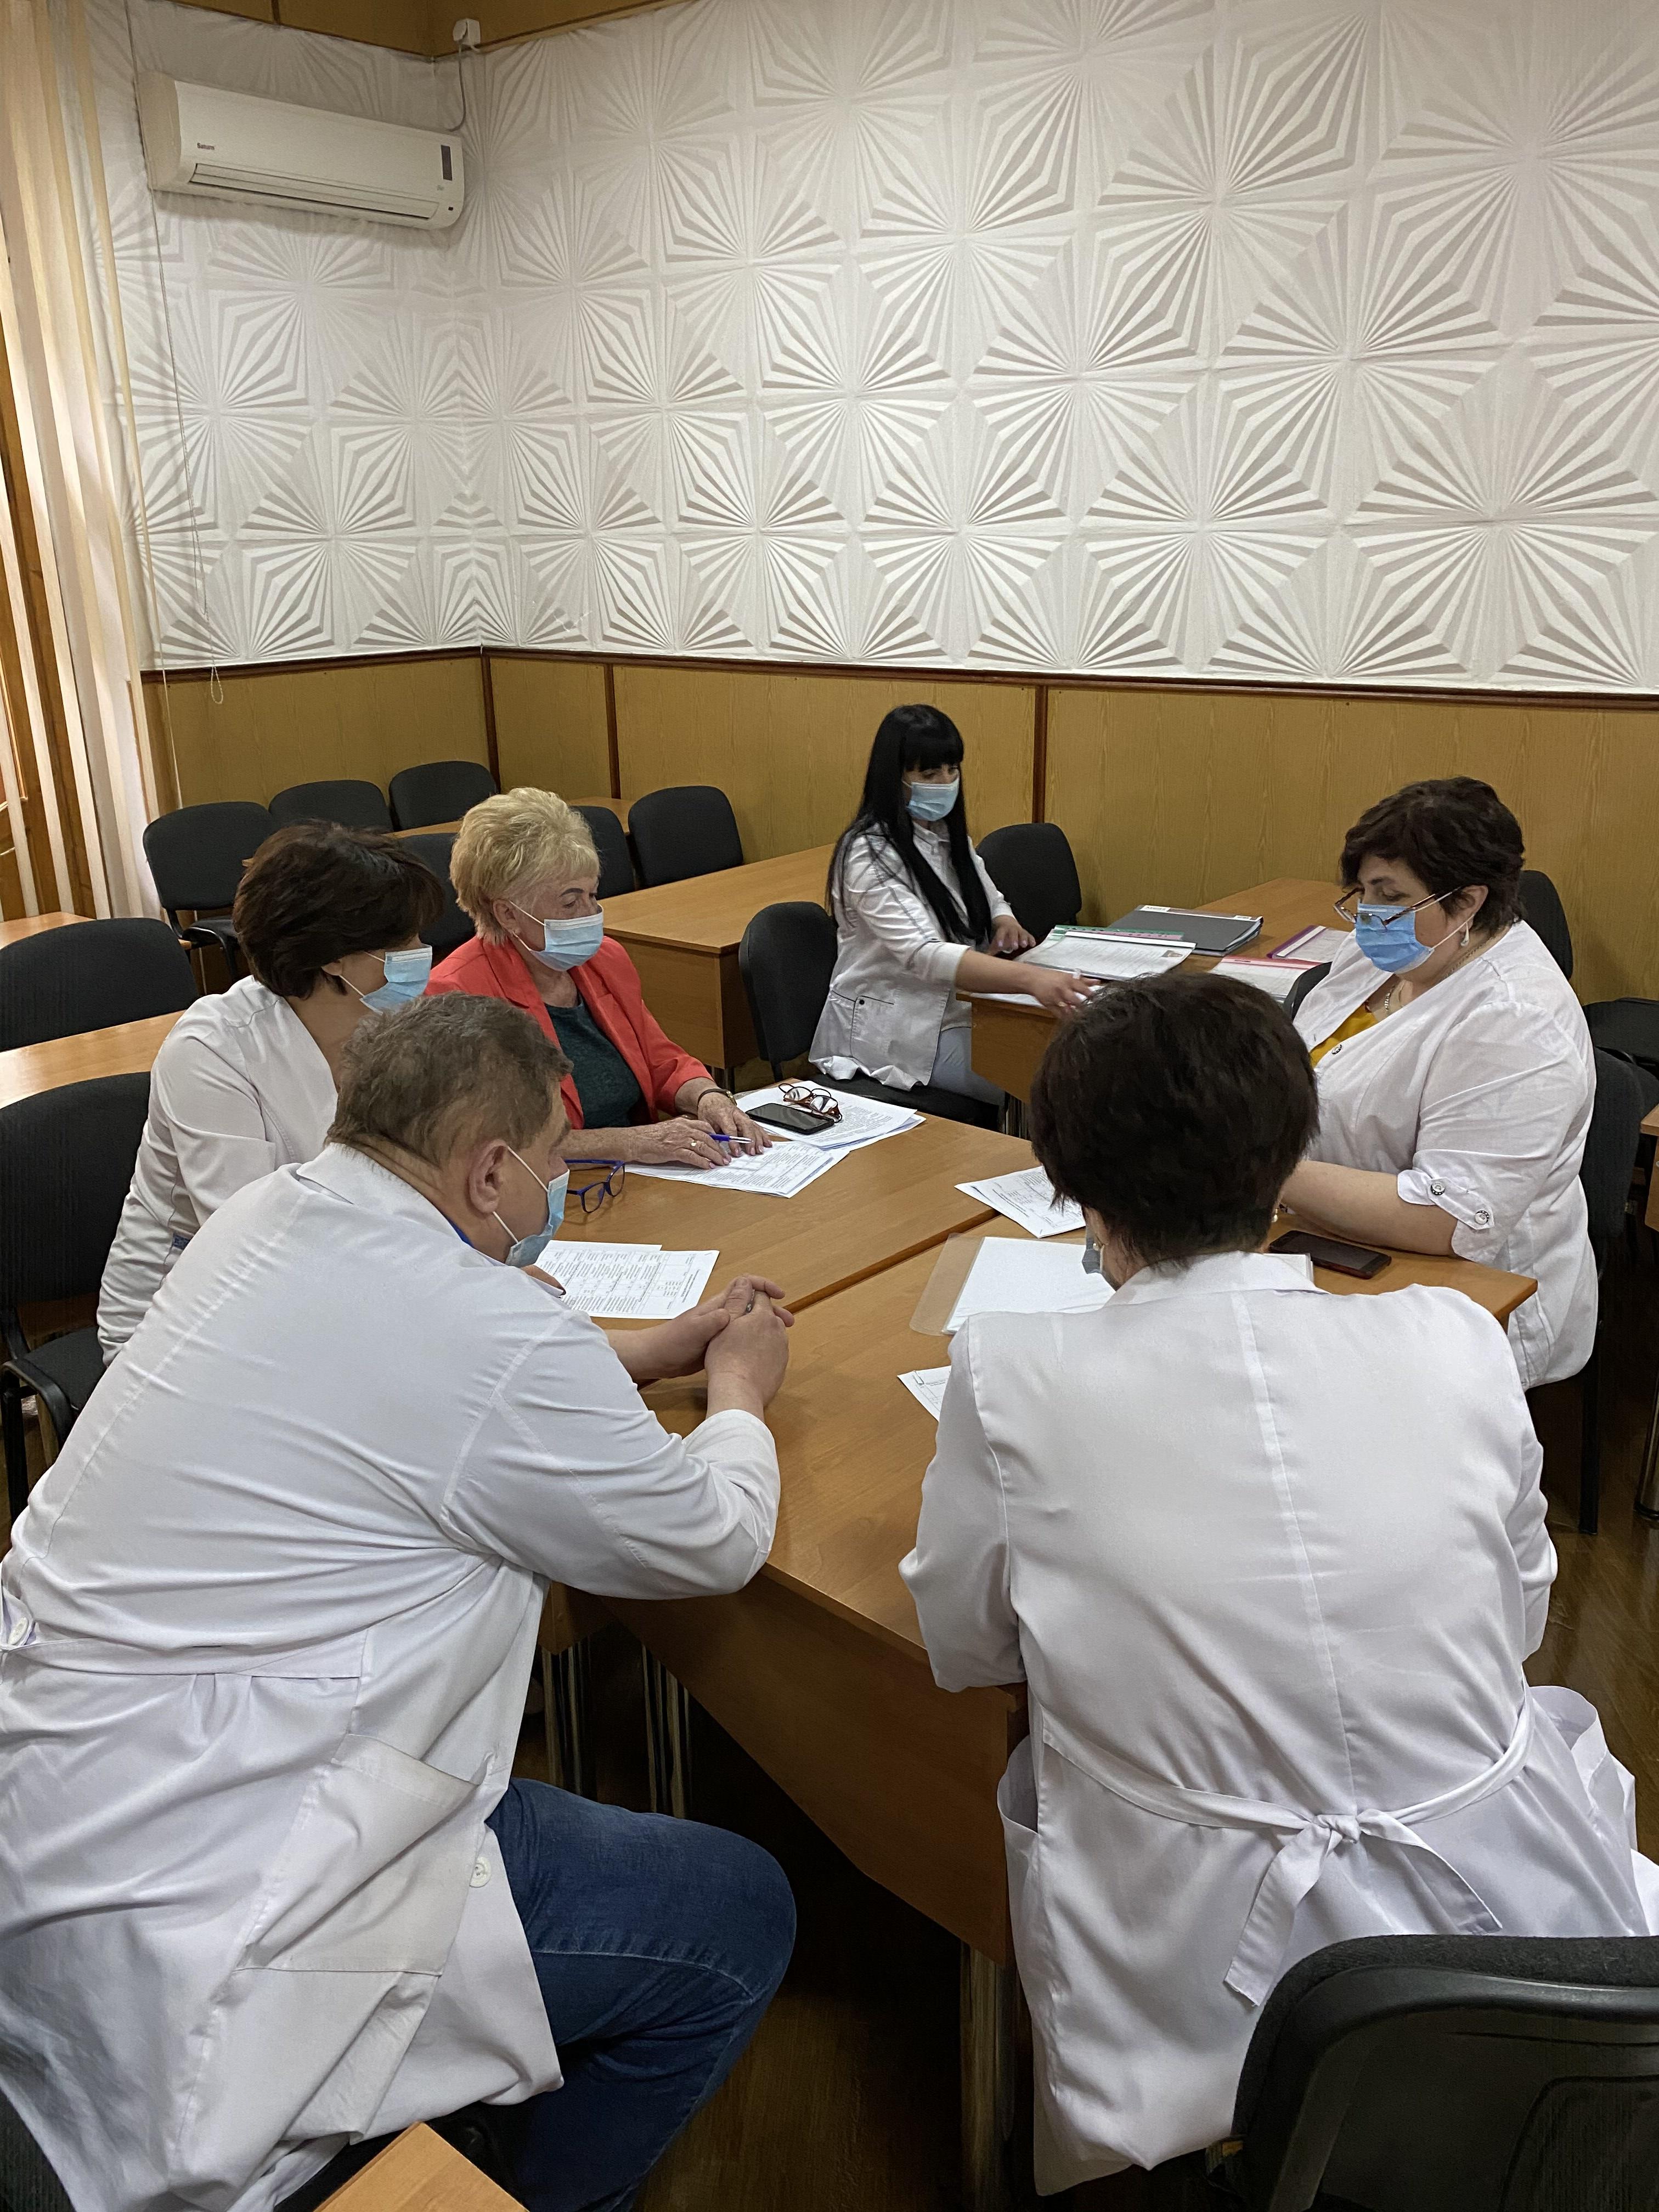 Відбулась  атестація молодших спеціалістів з медичною освітою